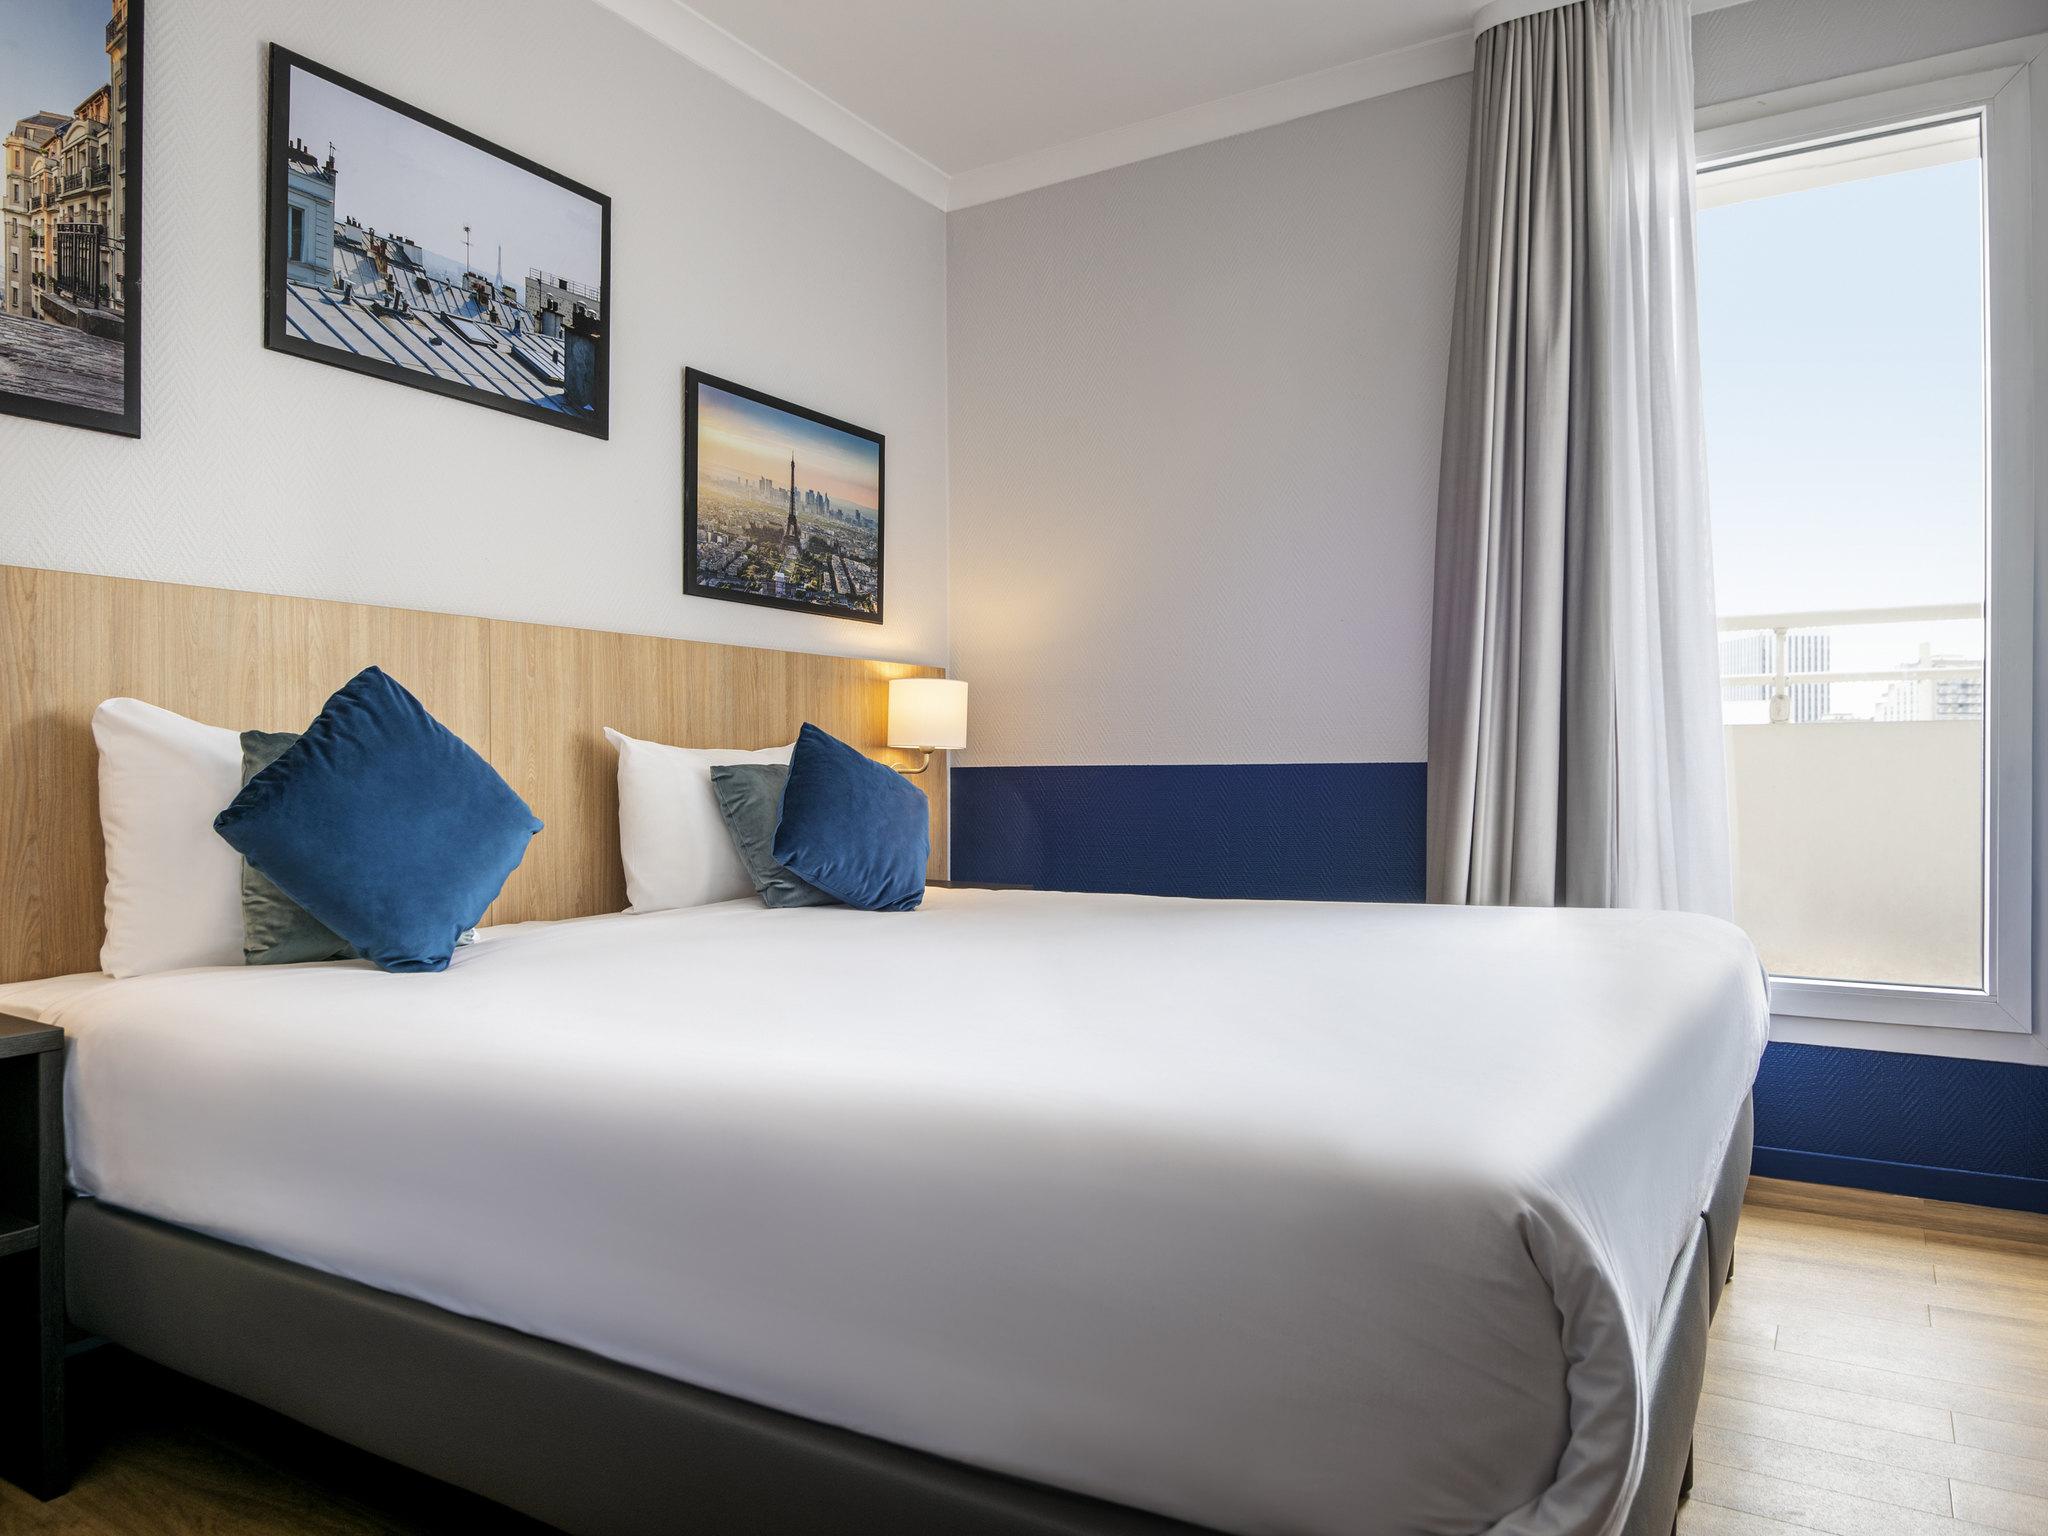 酒店 – 阿德吉奥拉德芳斯克莱贝尔酒店